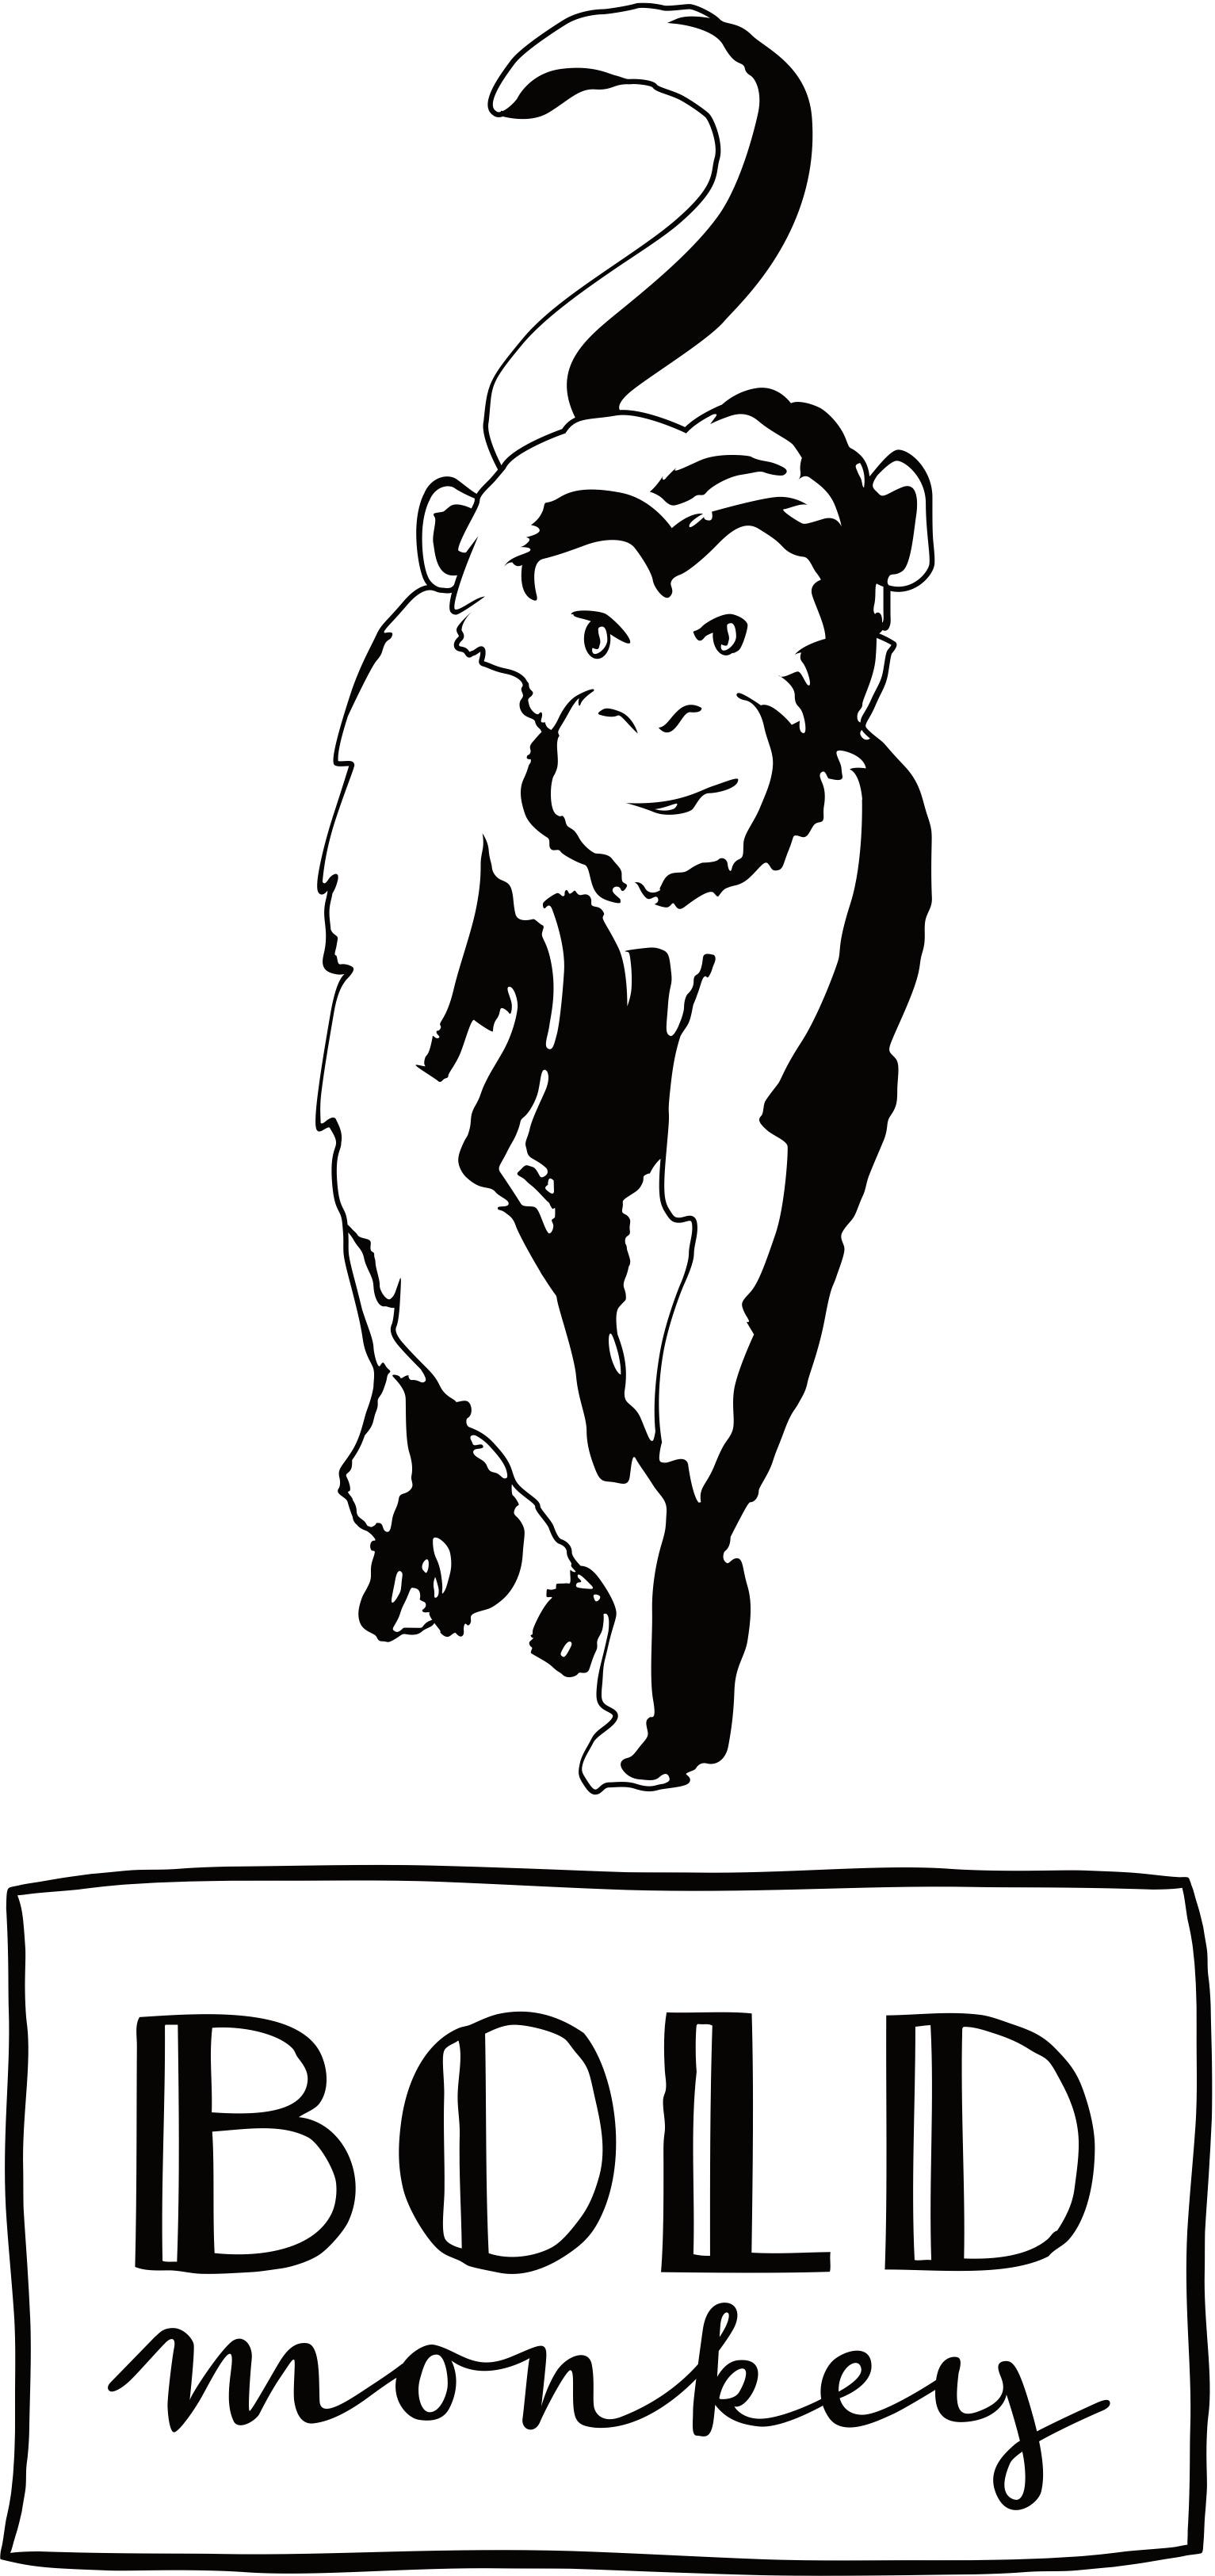 Bold Monkey princesses have feelings too armstoel fauteuil koninklijk donker blauw zijaanzicht